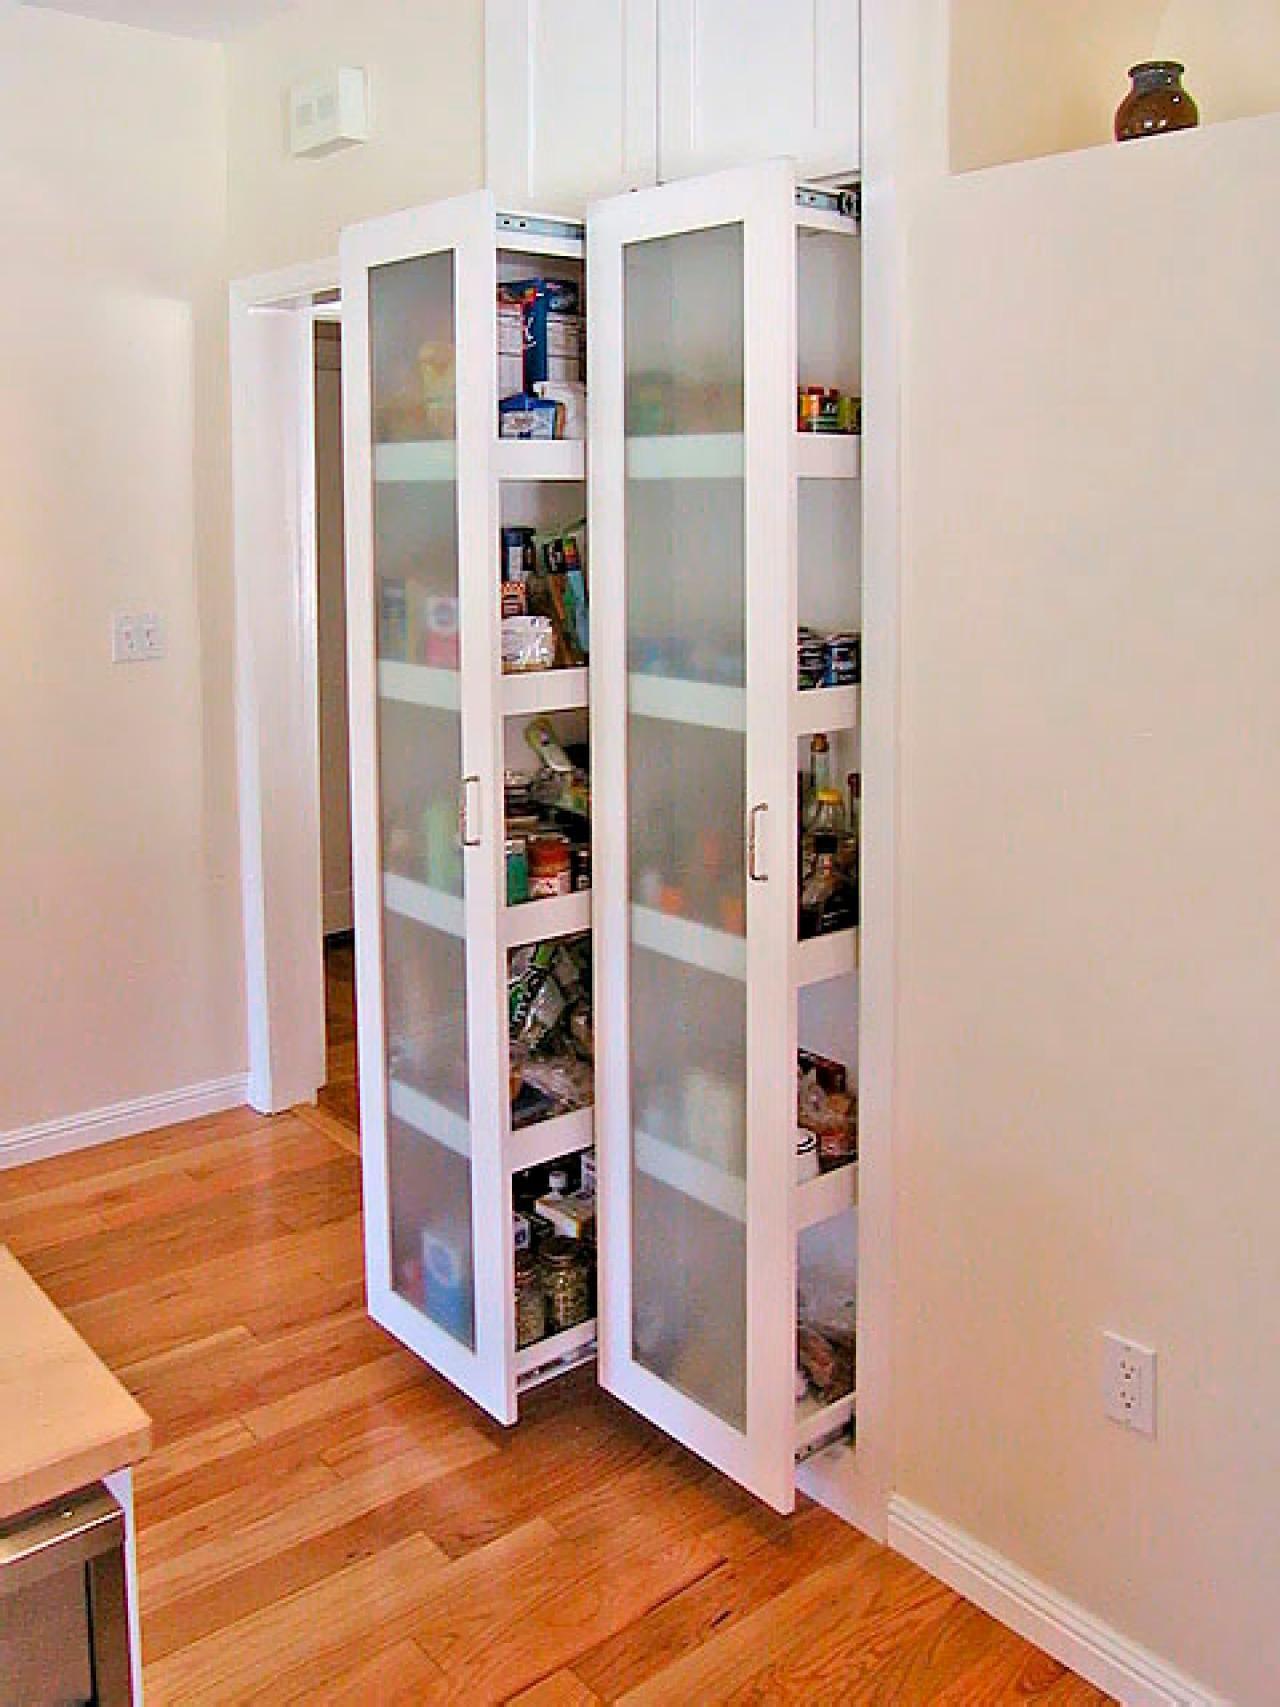 Küche Möbel Lagerung - Küchen | Hausmodelle | Pinterest ...